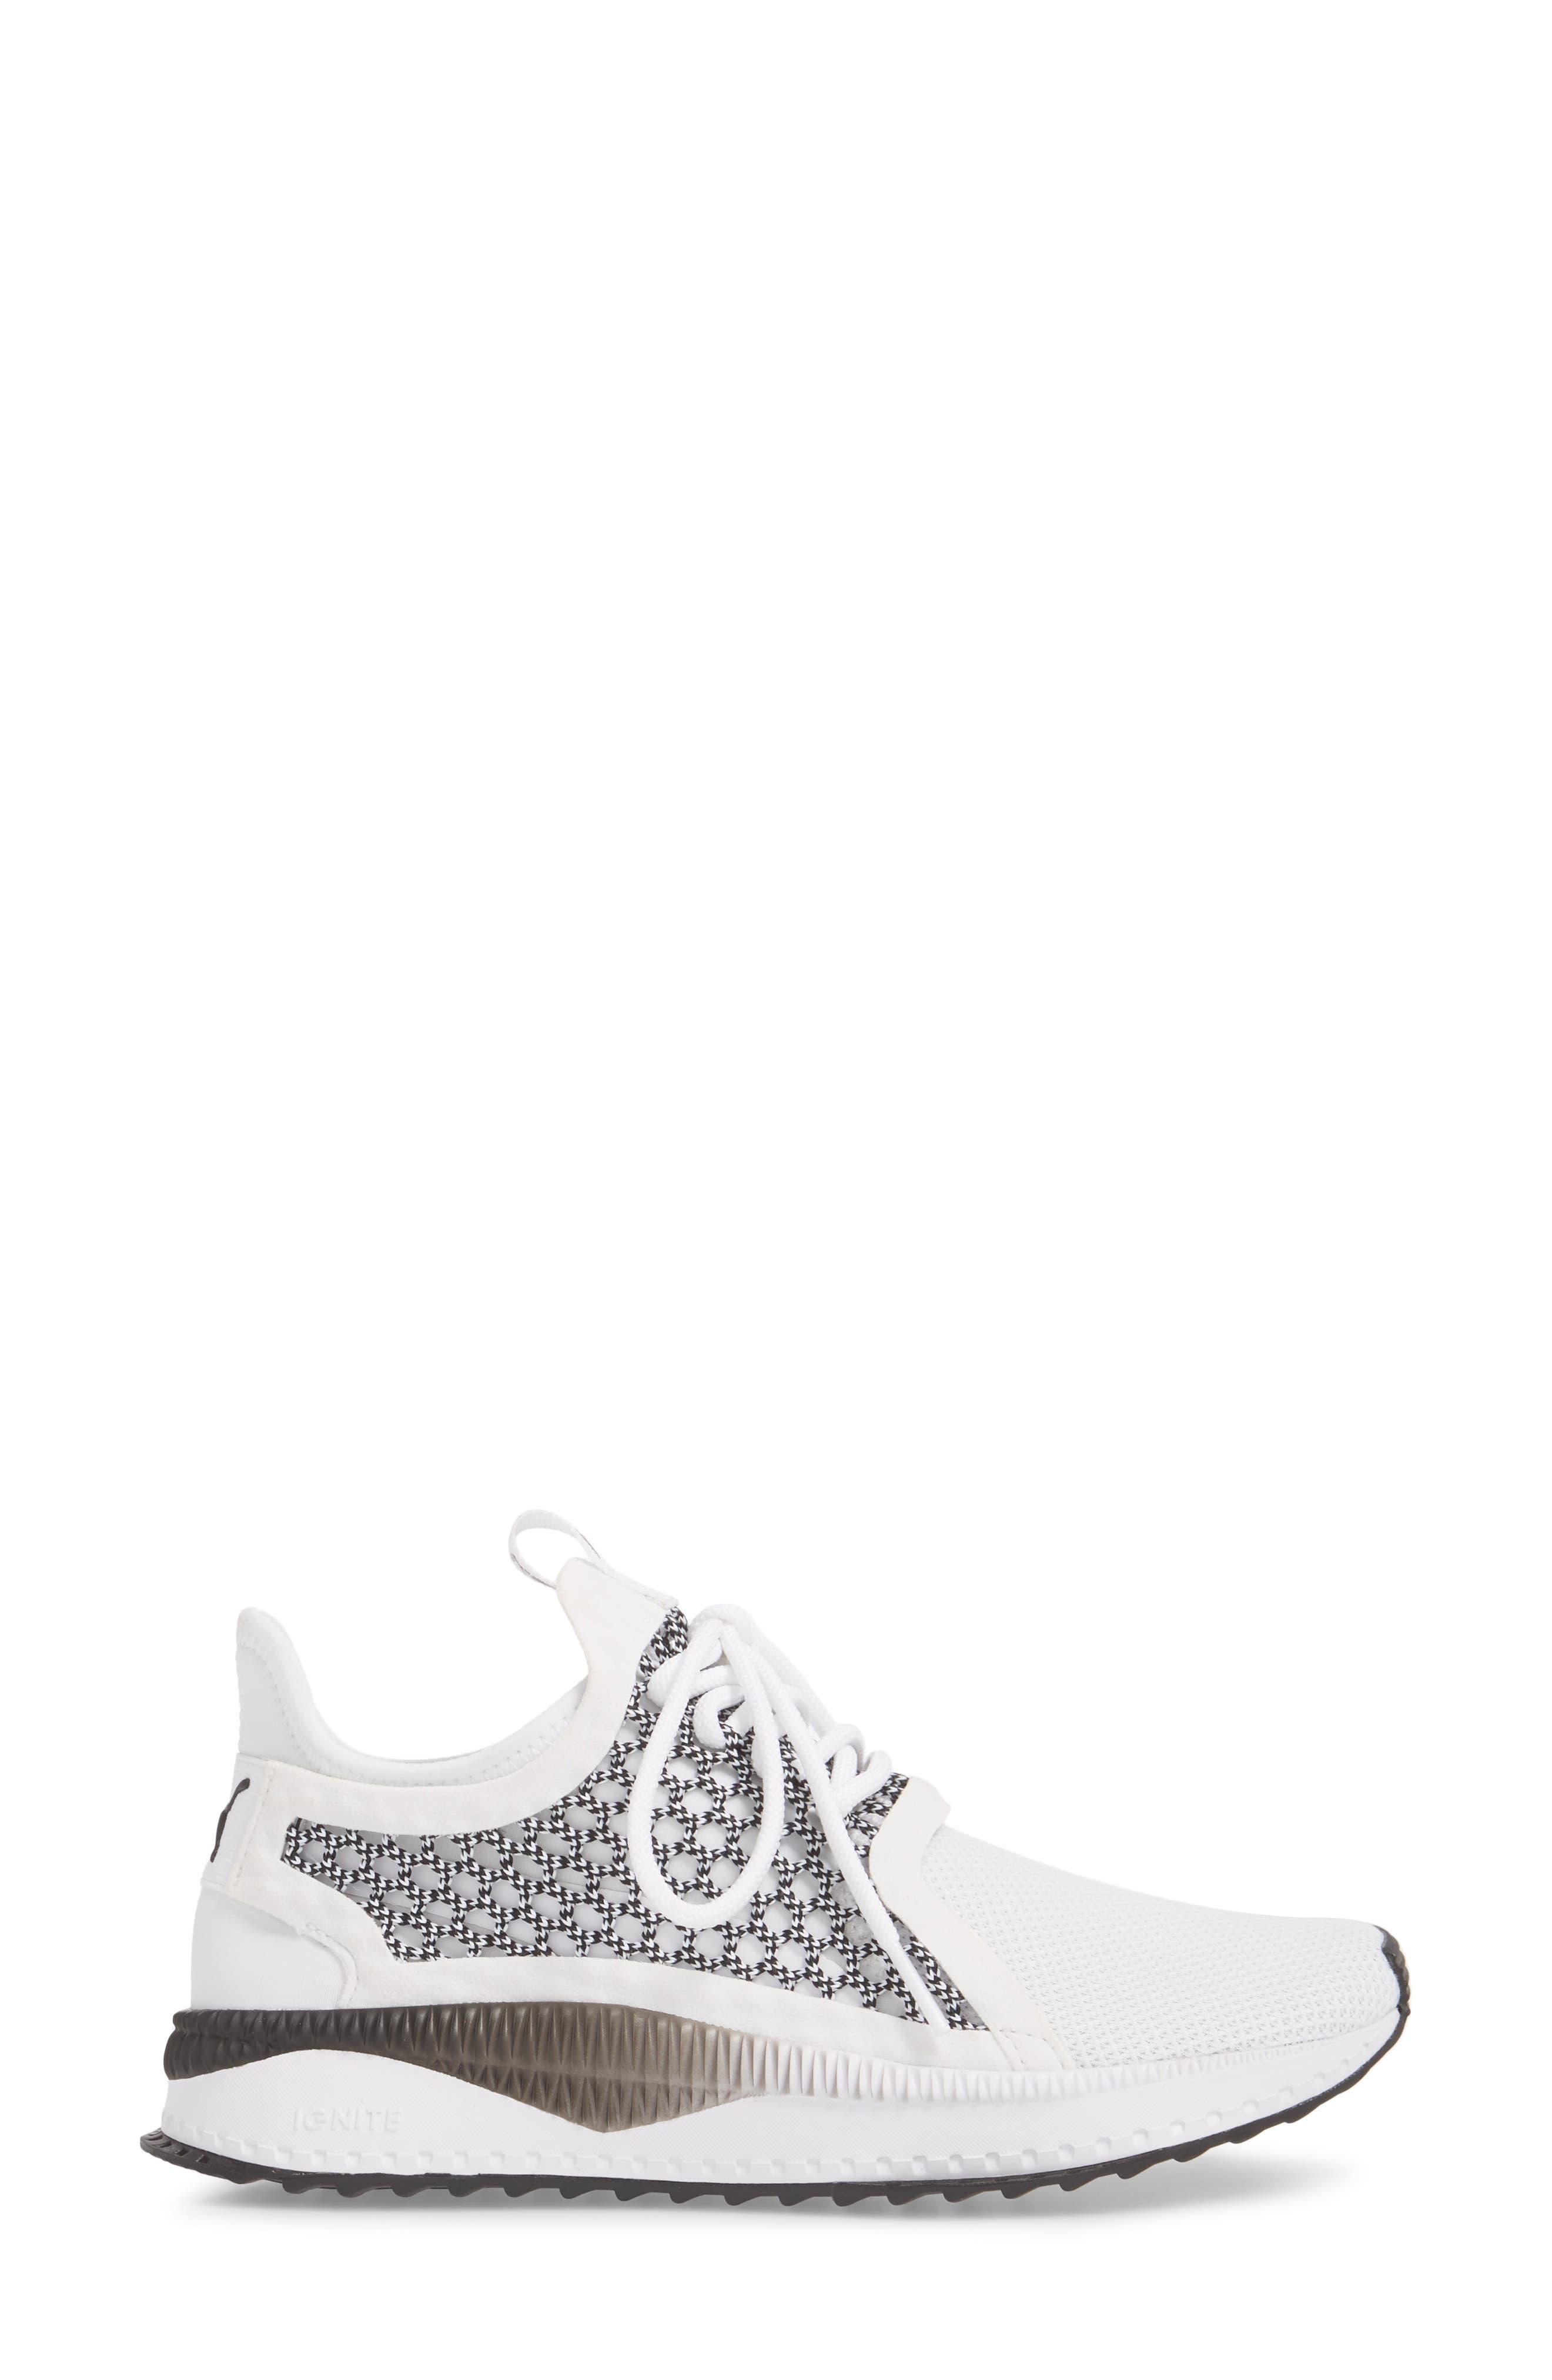 Tsugi Netfit evoKNIT Training Shoe,                             Alternate thumbnail 6, color,                             White/ Black